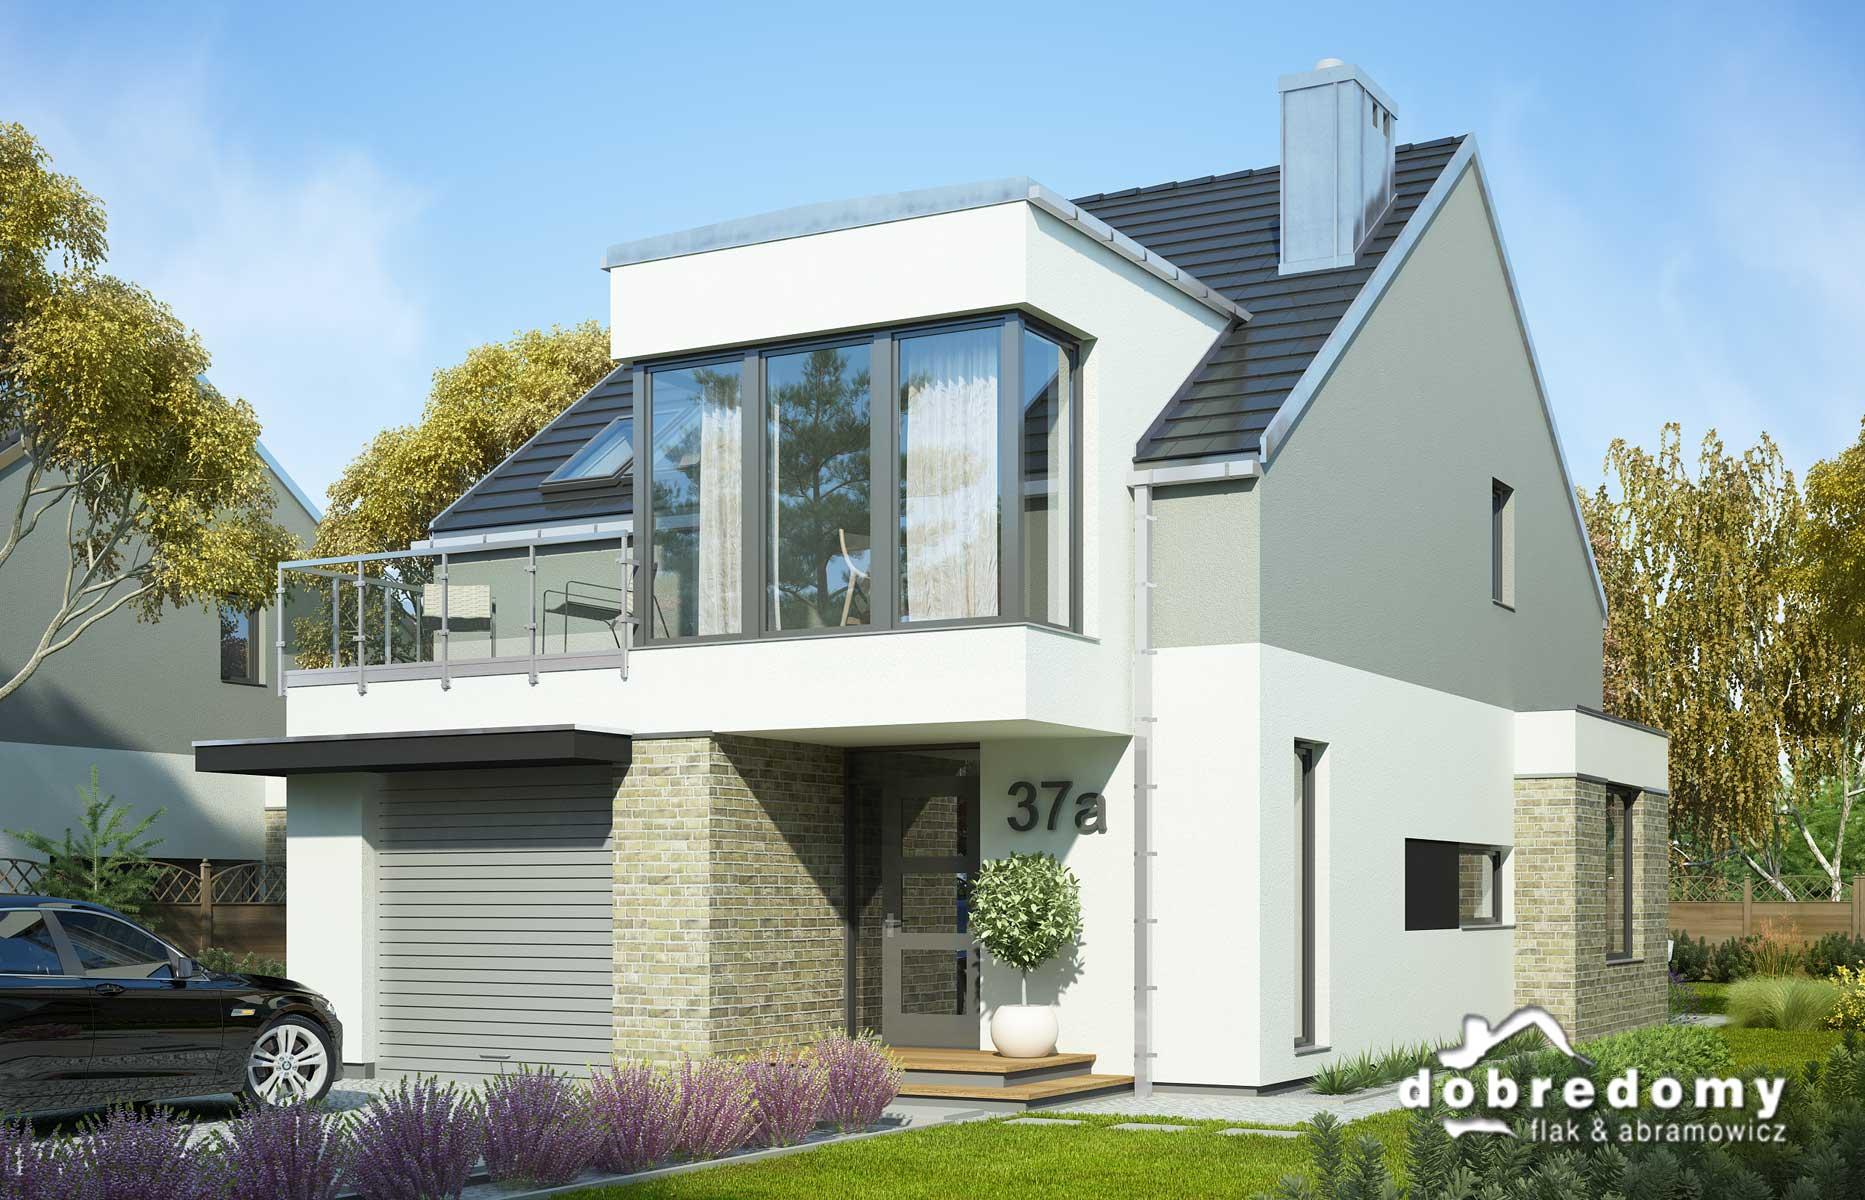 Czego osoby budujące dom mogą oczekiwać od projektanta na placu budowy?